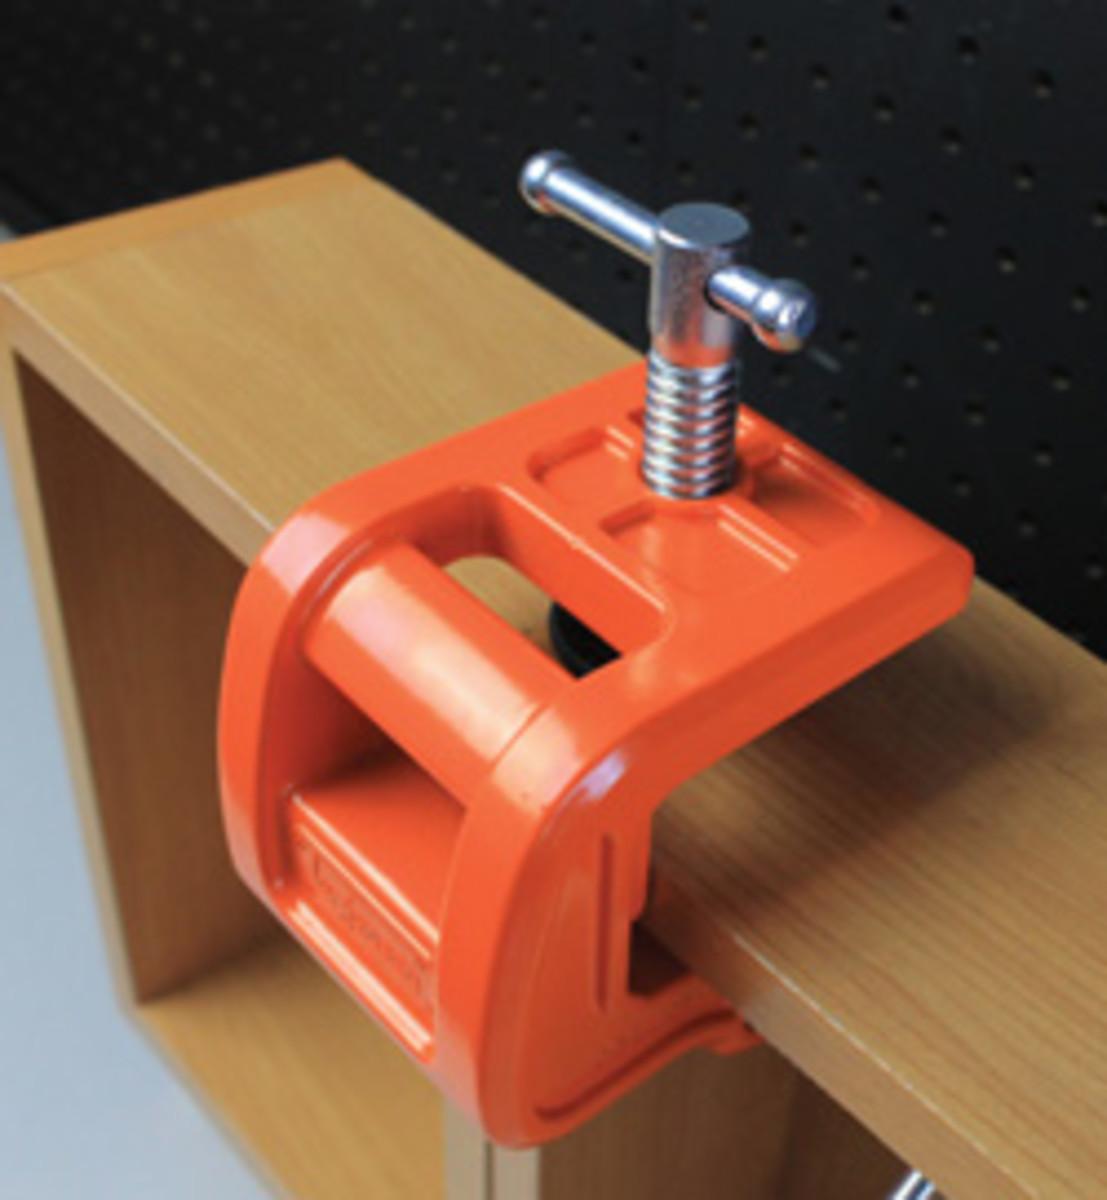 The Jorgensen casework claw clamp.